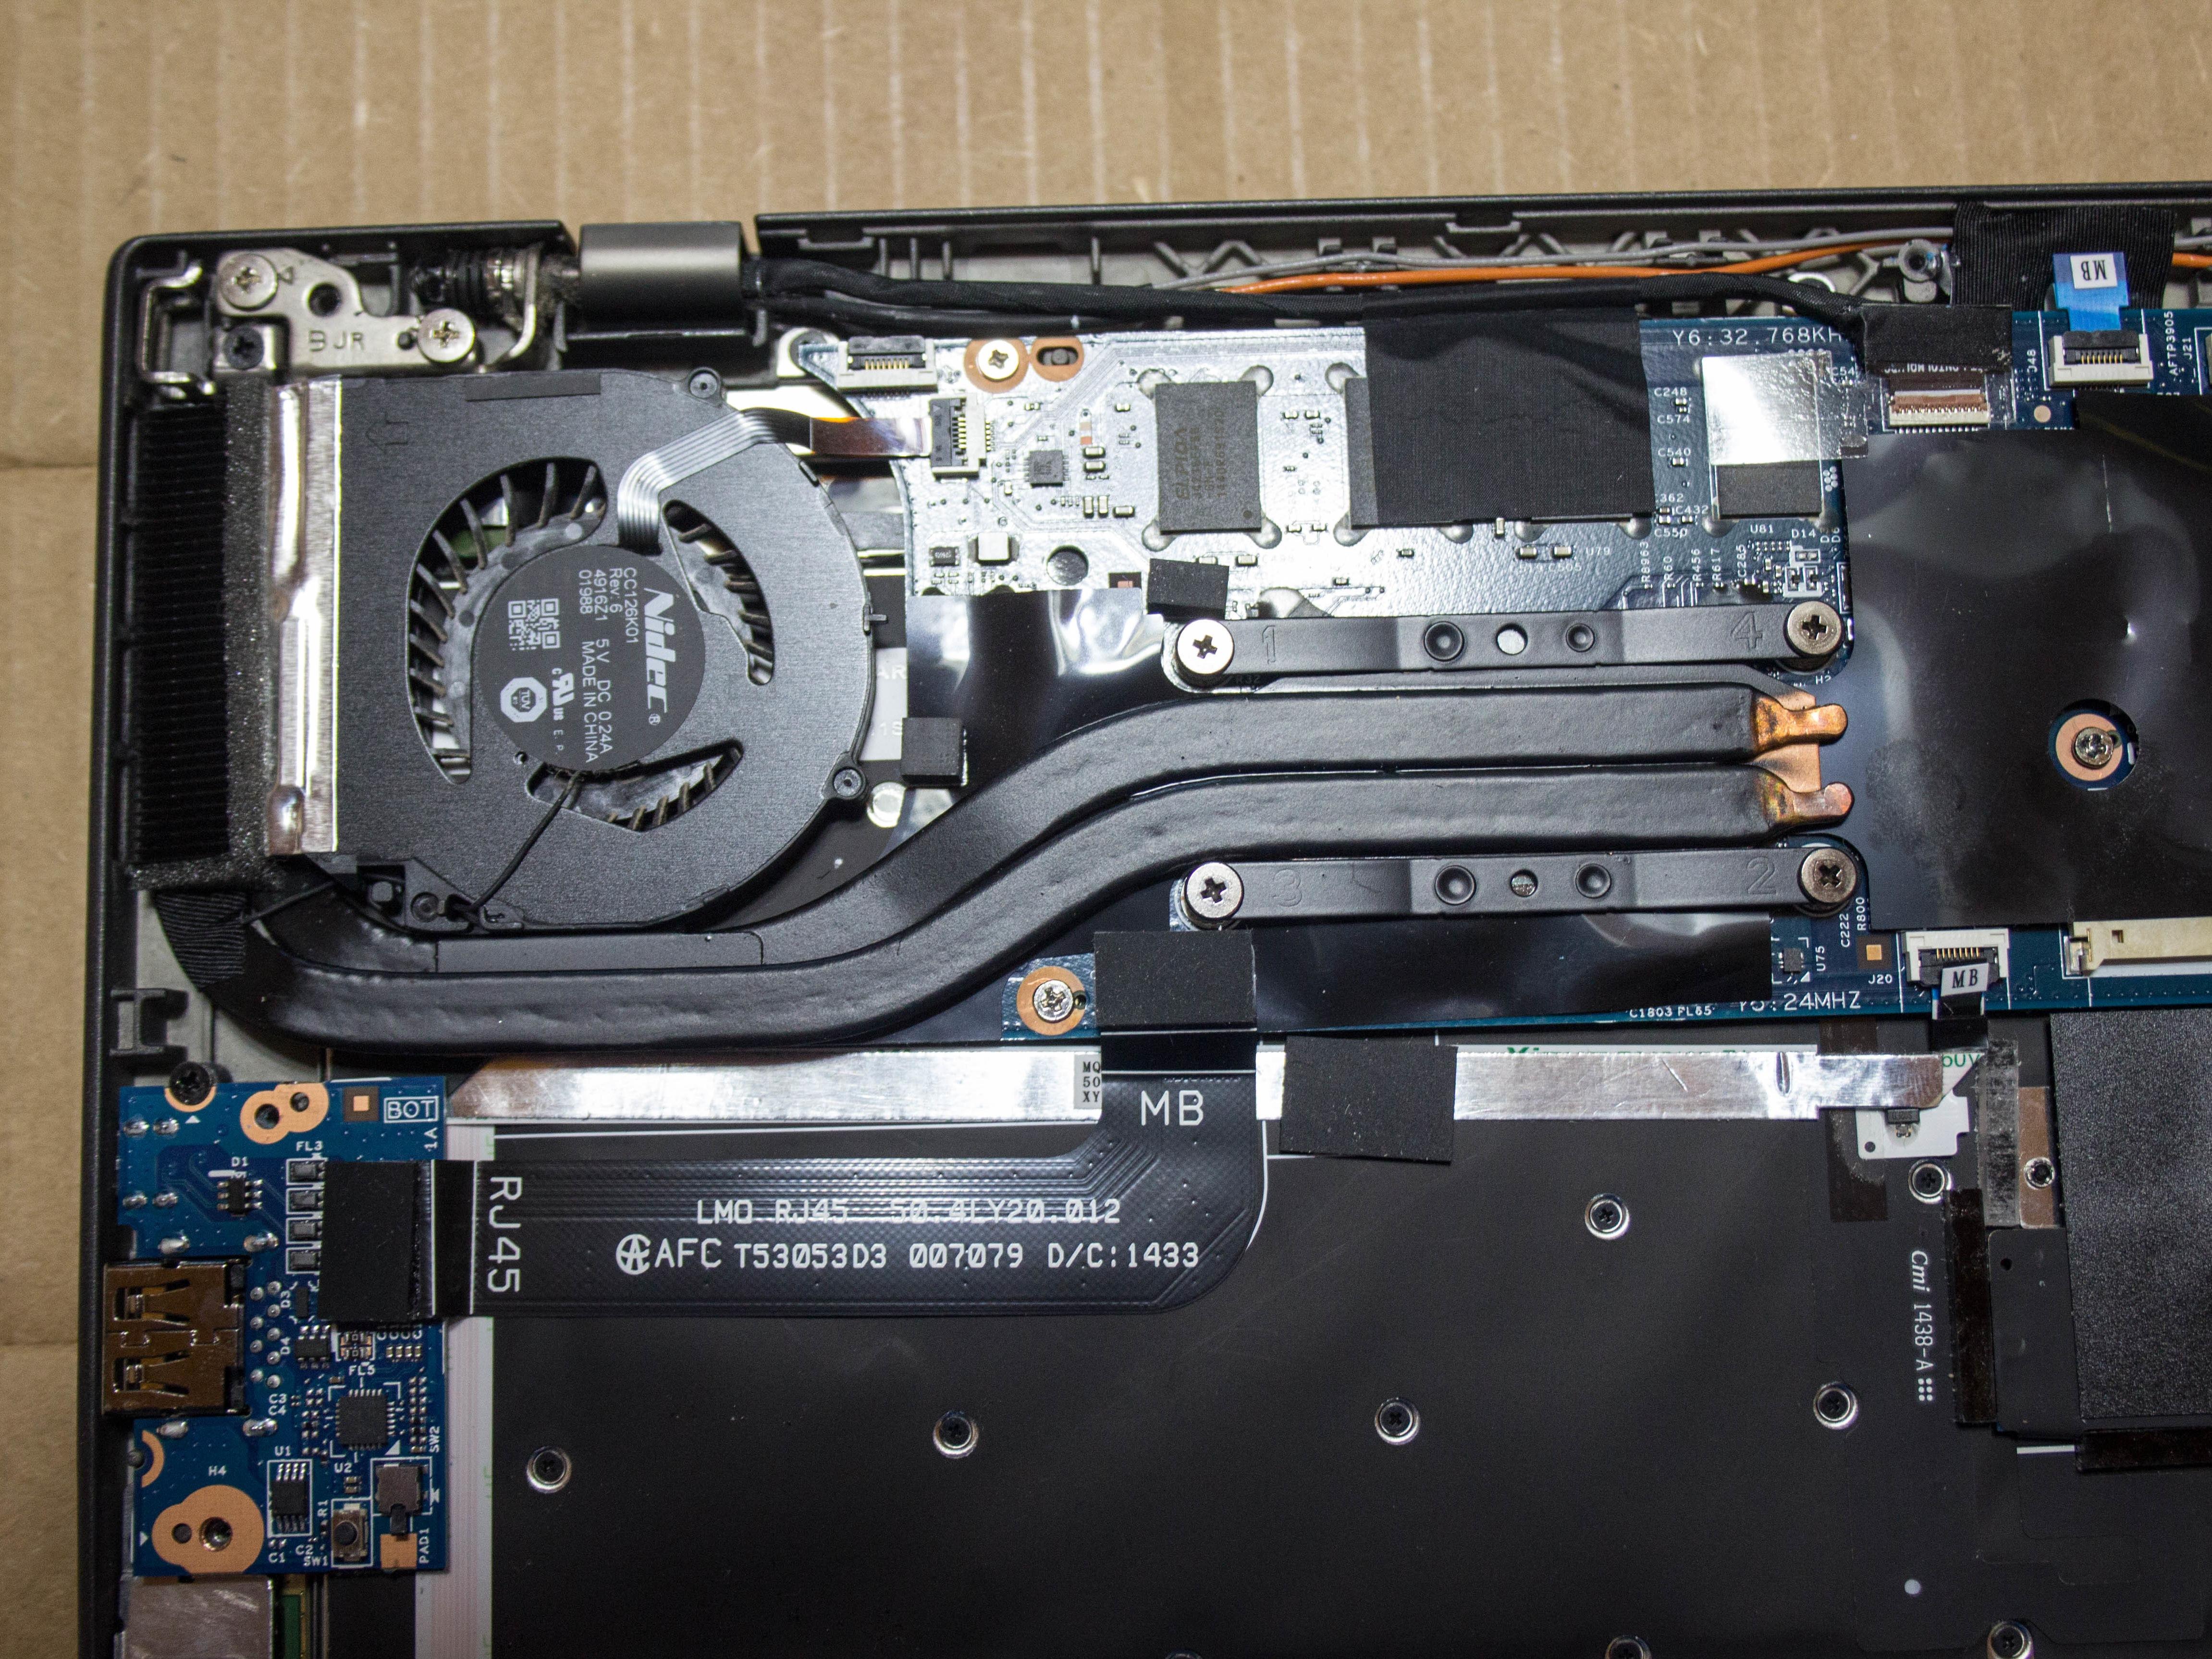 ThinkPad X1 Carbon (1st Gen) Repair - iFixit